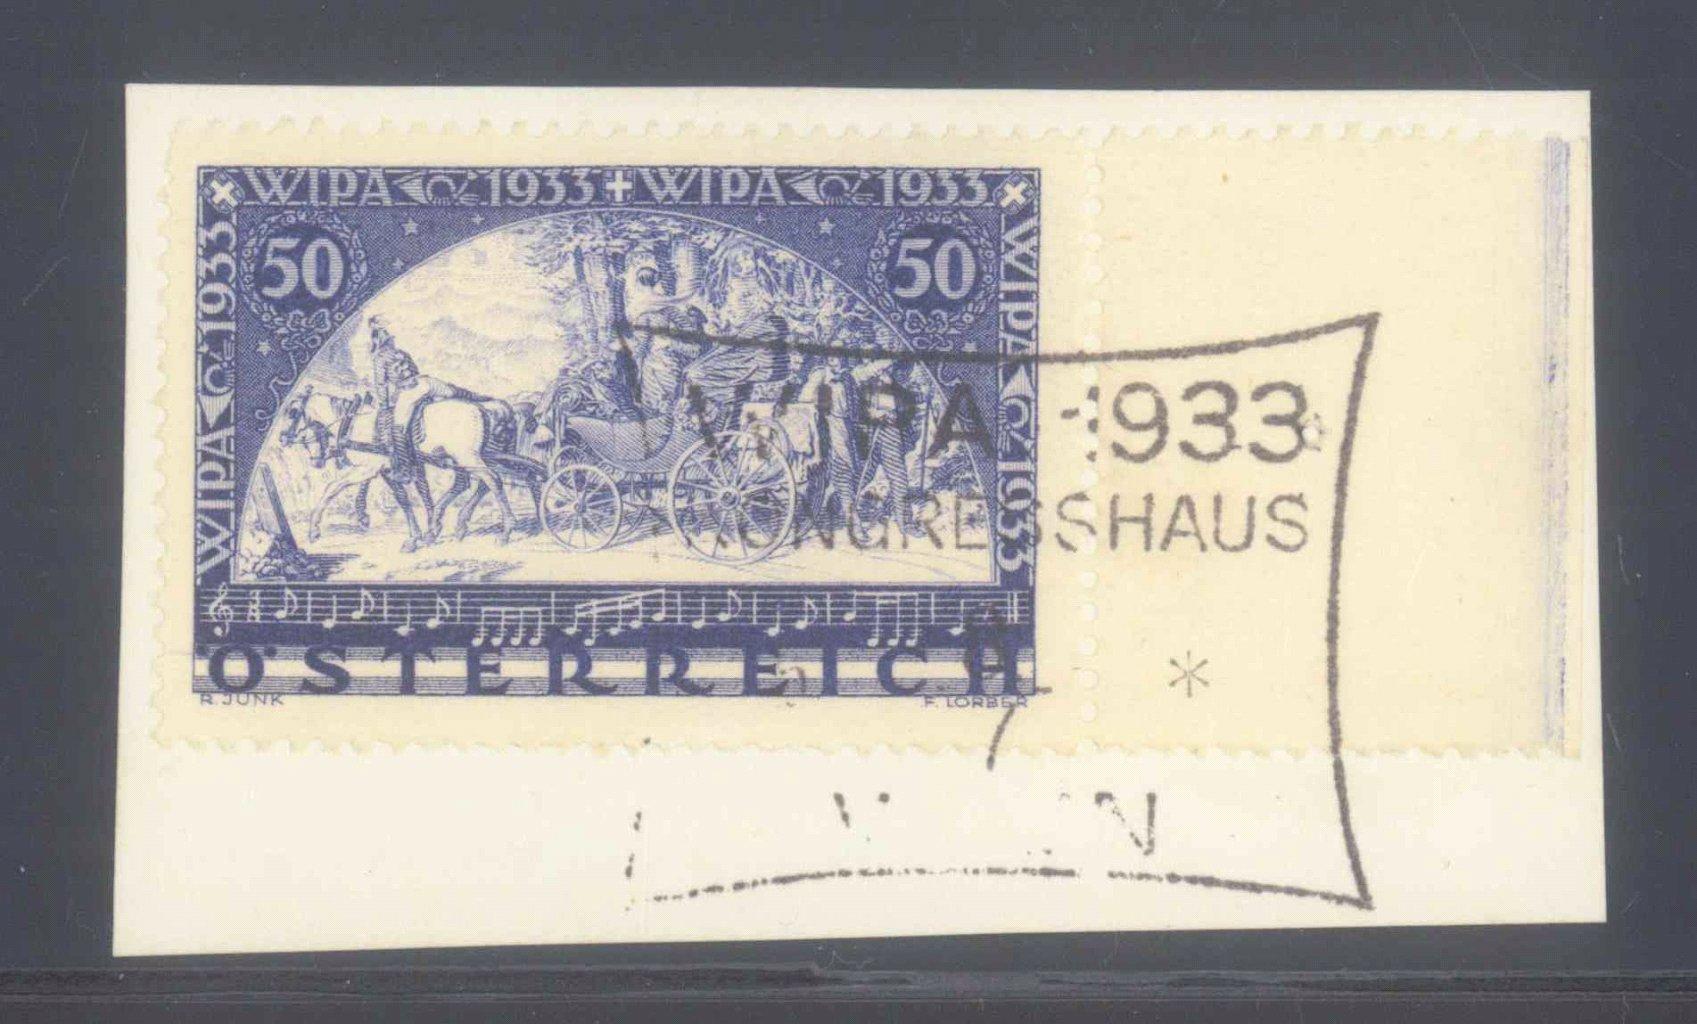 ÖSTERREICH 1933, WIPA – Marke, gewöhnliches Papier